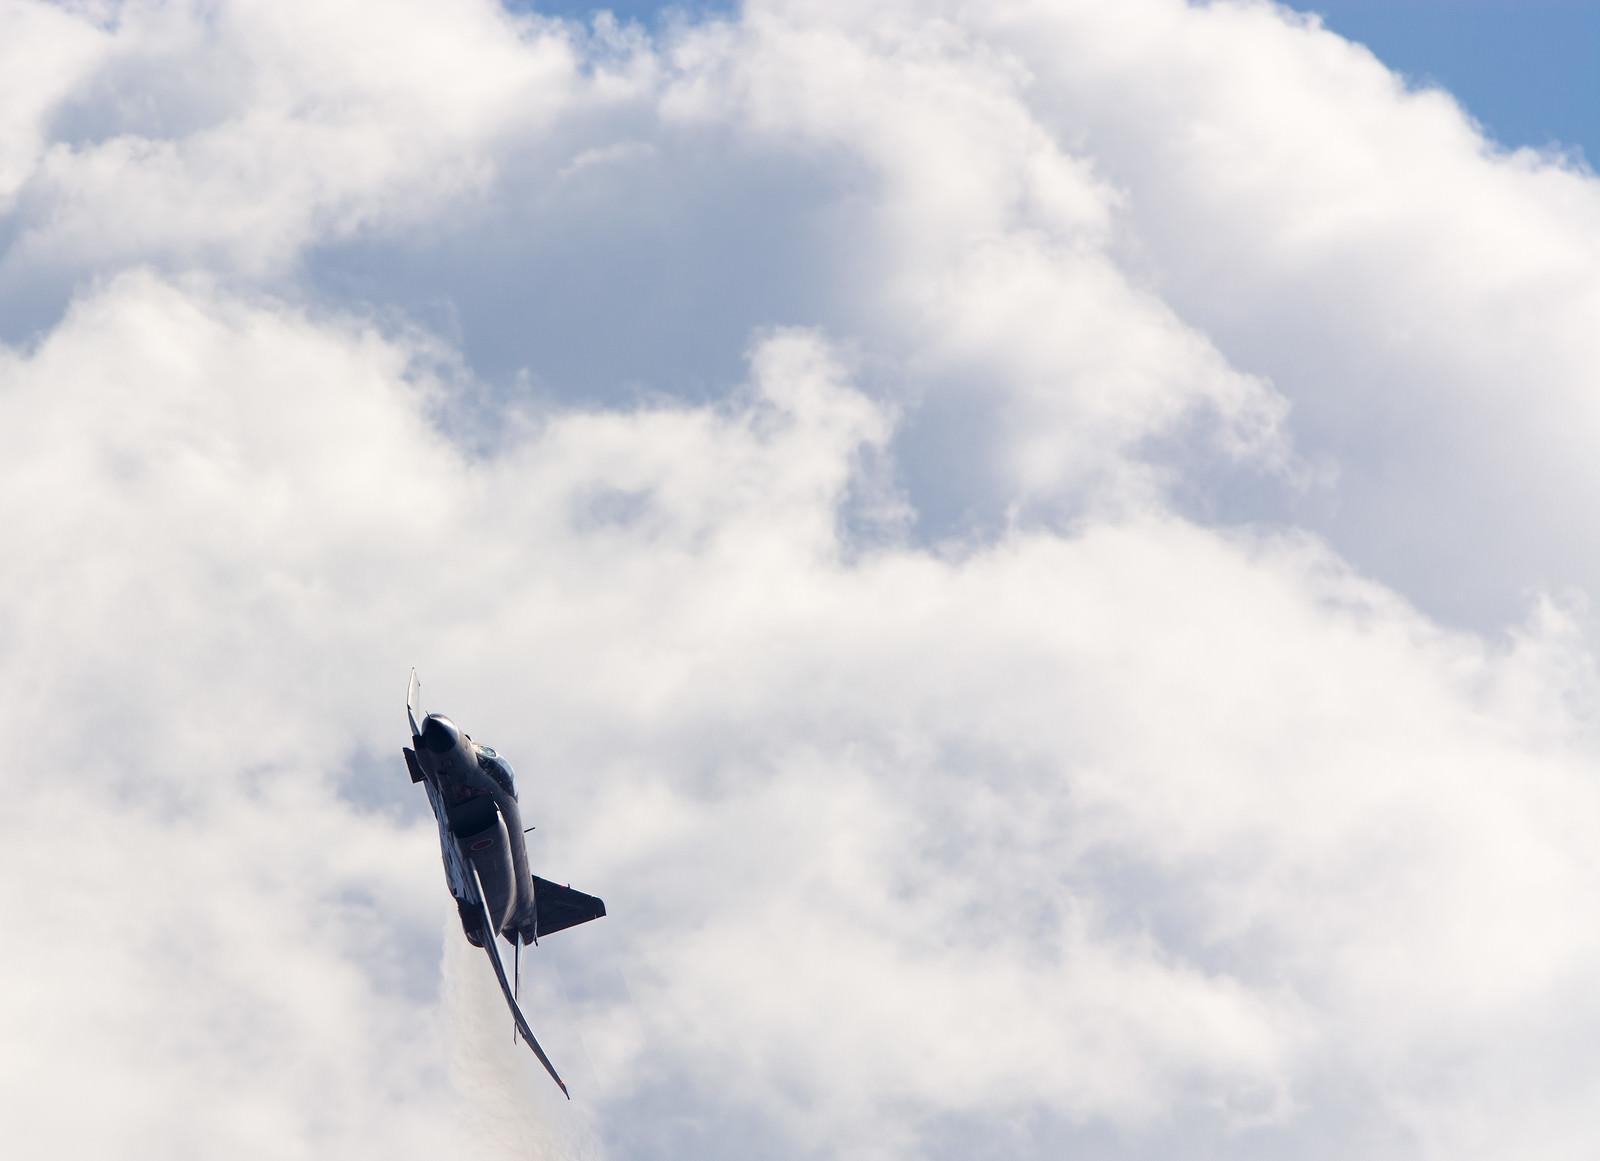 「積乱雲を背に現れるF-4積乱雲を背に現れるF-4」のフリー写真素材を拡大